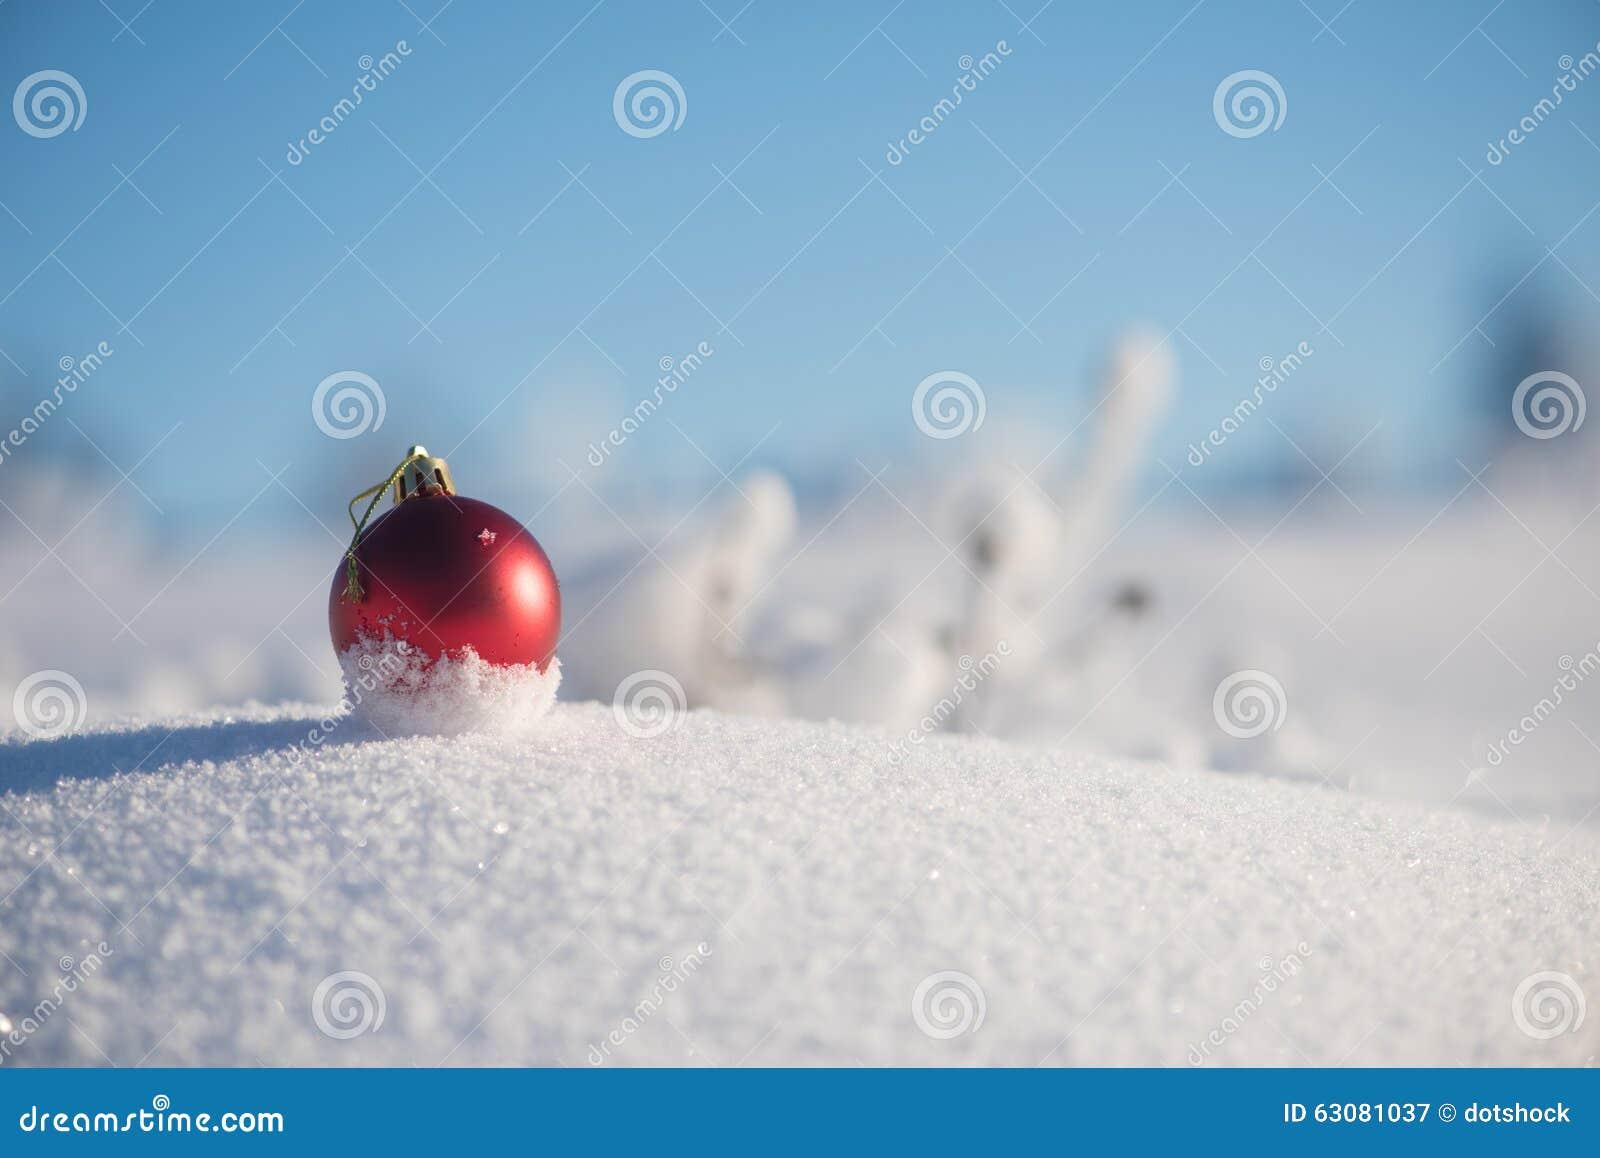 Download Bille De Noël Dans La Neige Image stock - Image du extérieur, closeup: 63081037